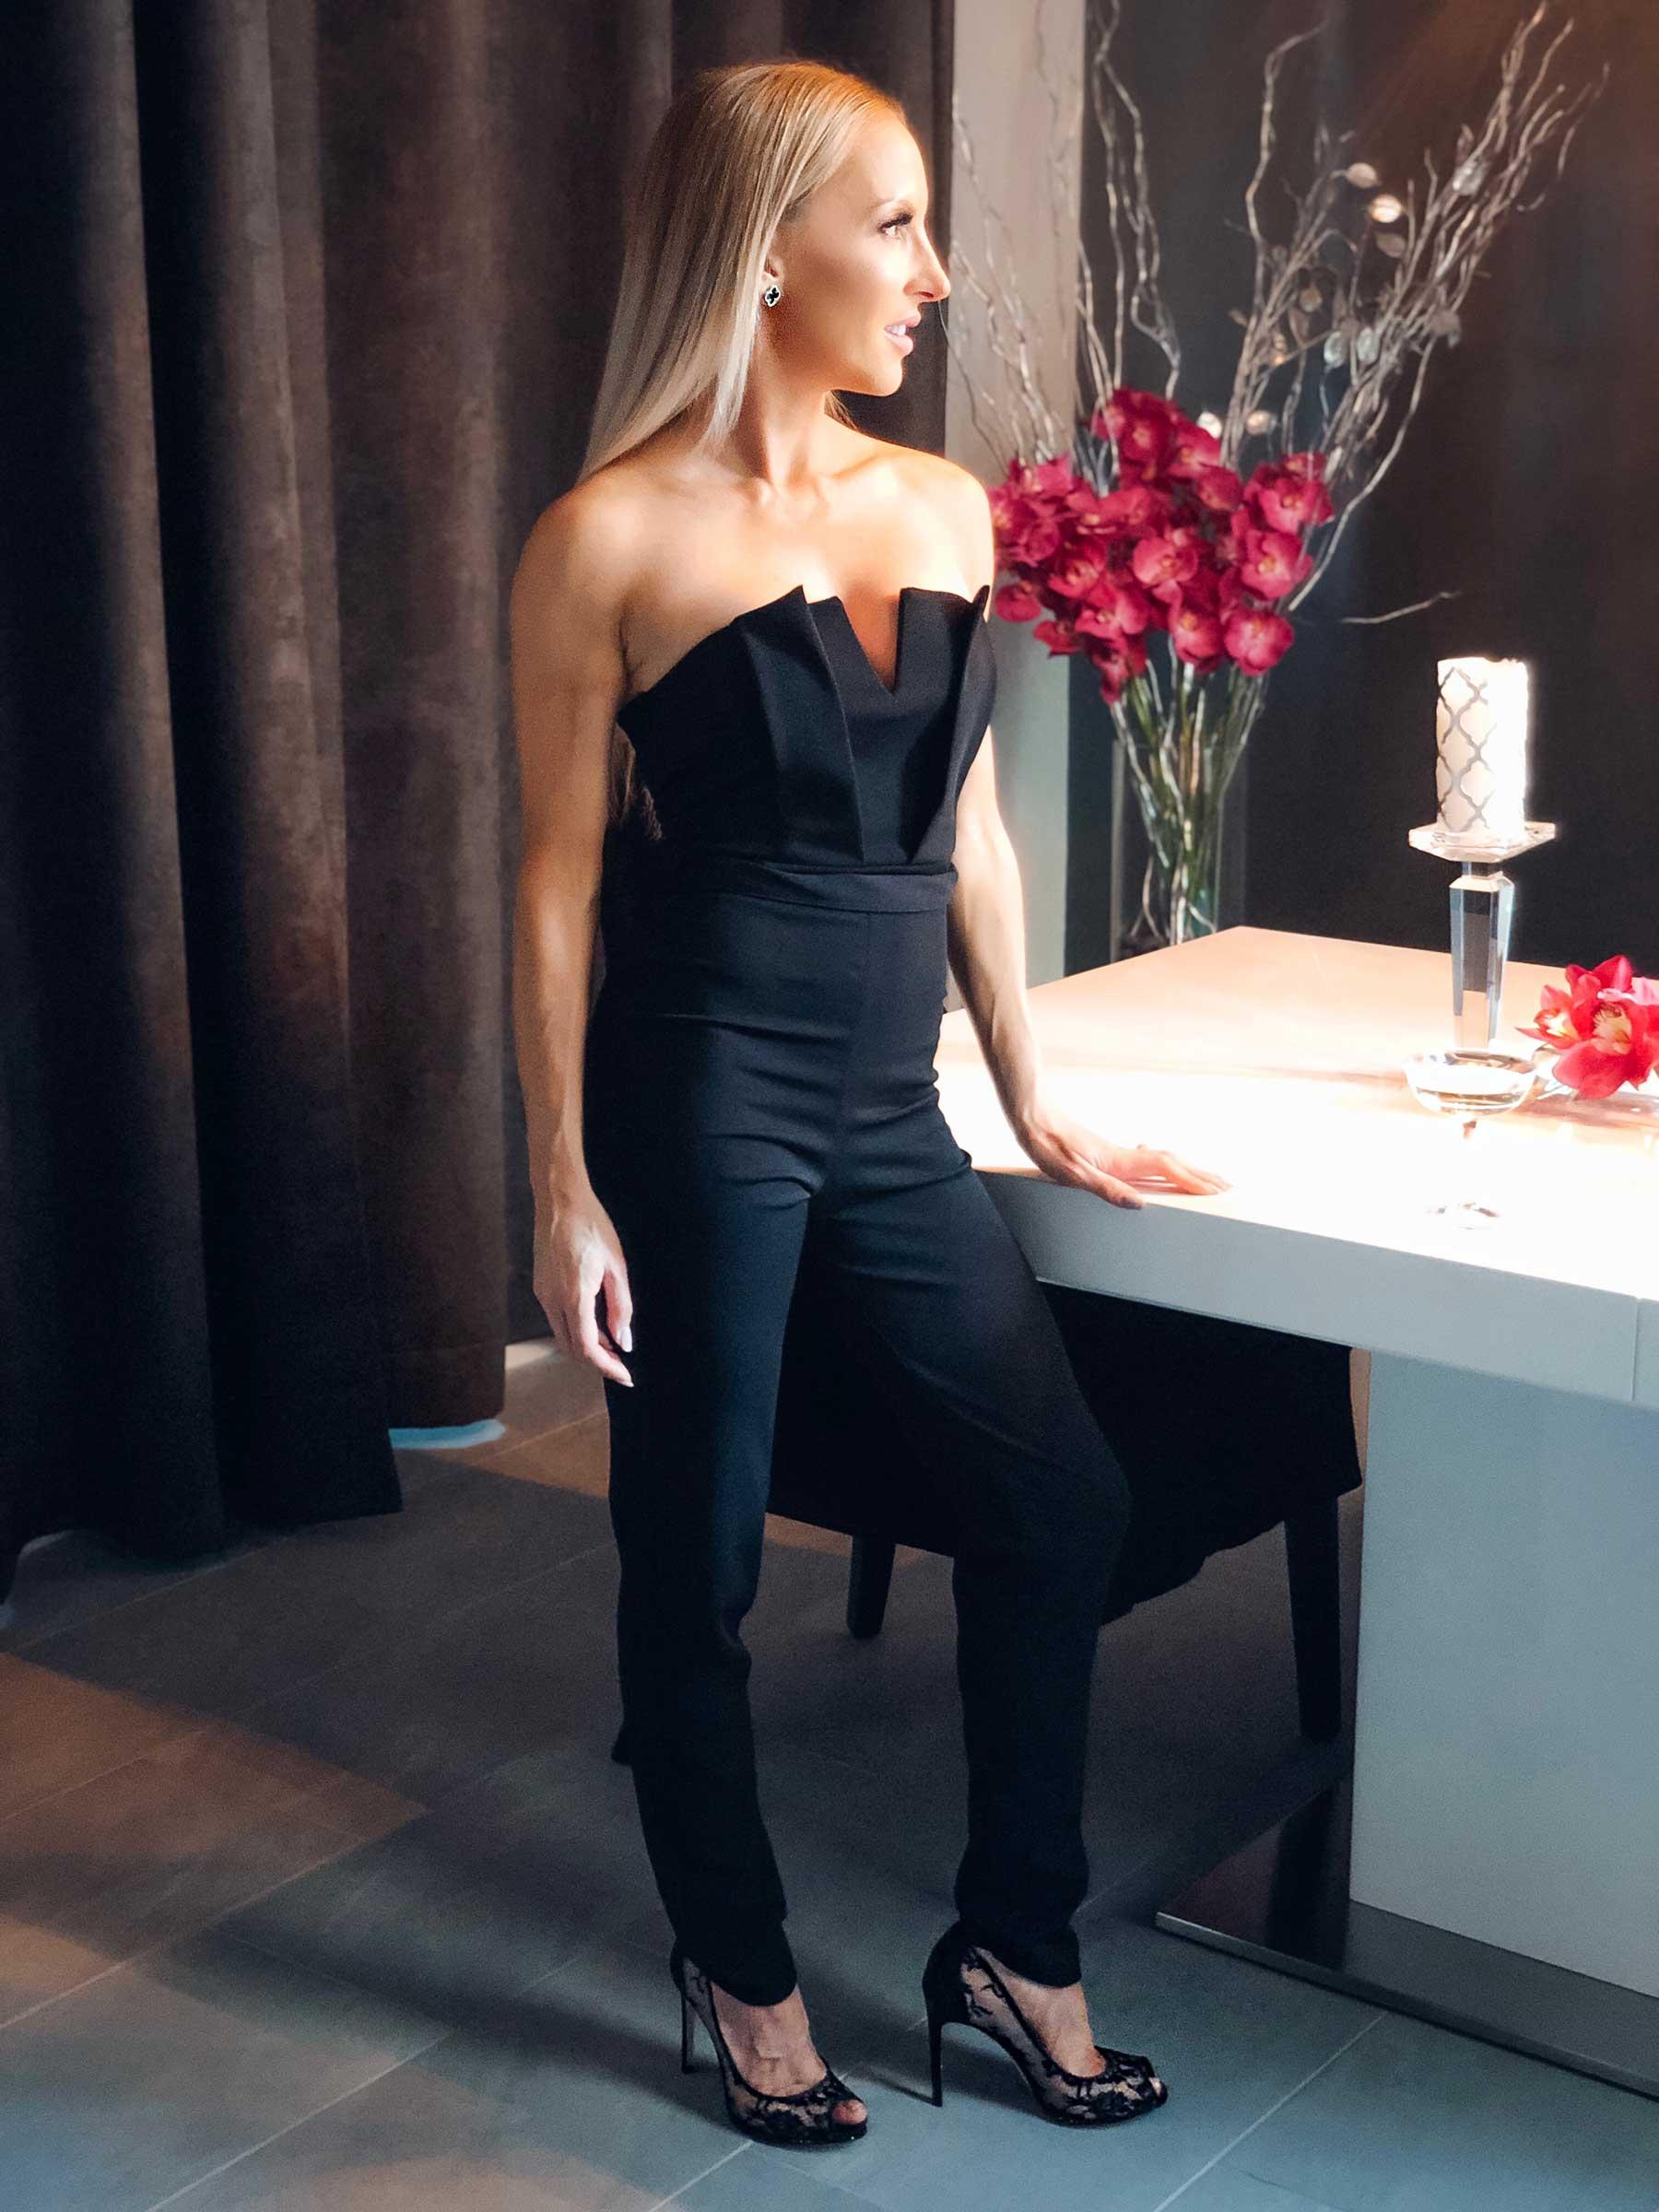 Black Sweetheart Neck Jumpsuit - Mila  $13.09 Femme Luxe Finery